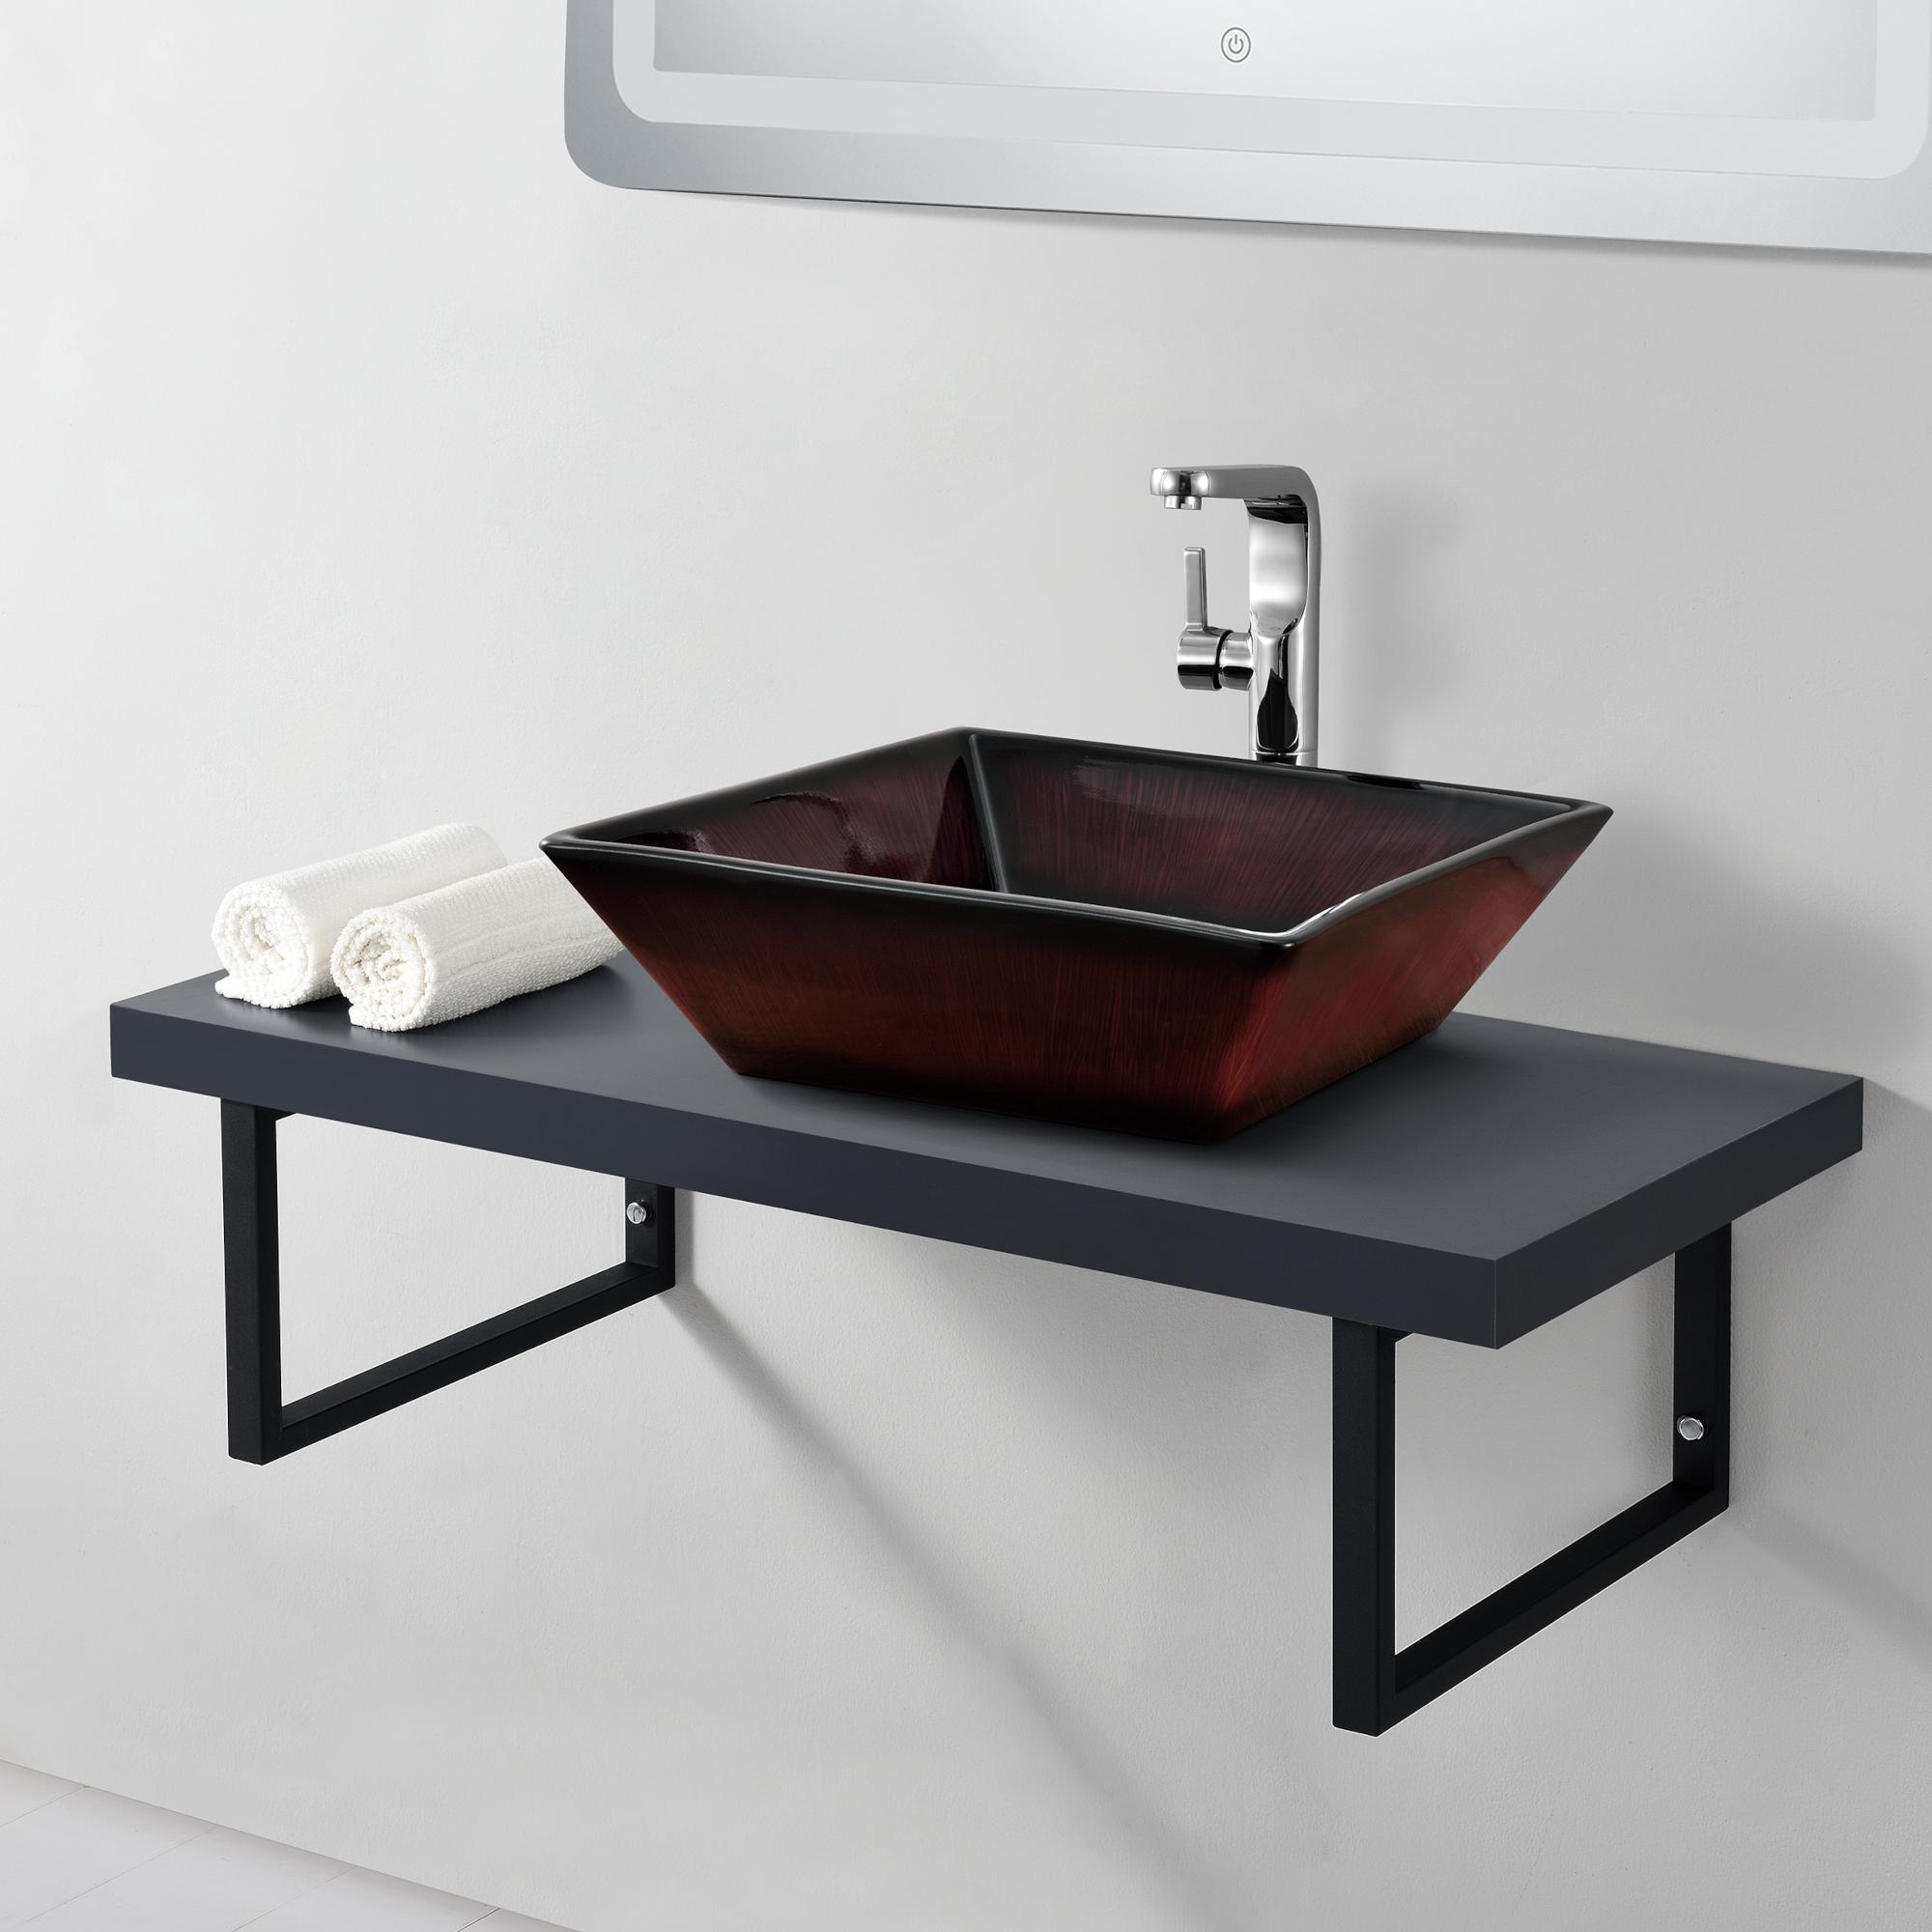 Neu Haus Waschtischplatte Waschtischkonsole Fur Aufsatzbecken Waschbecken Ebay